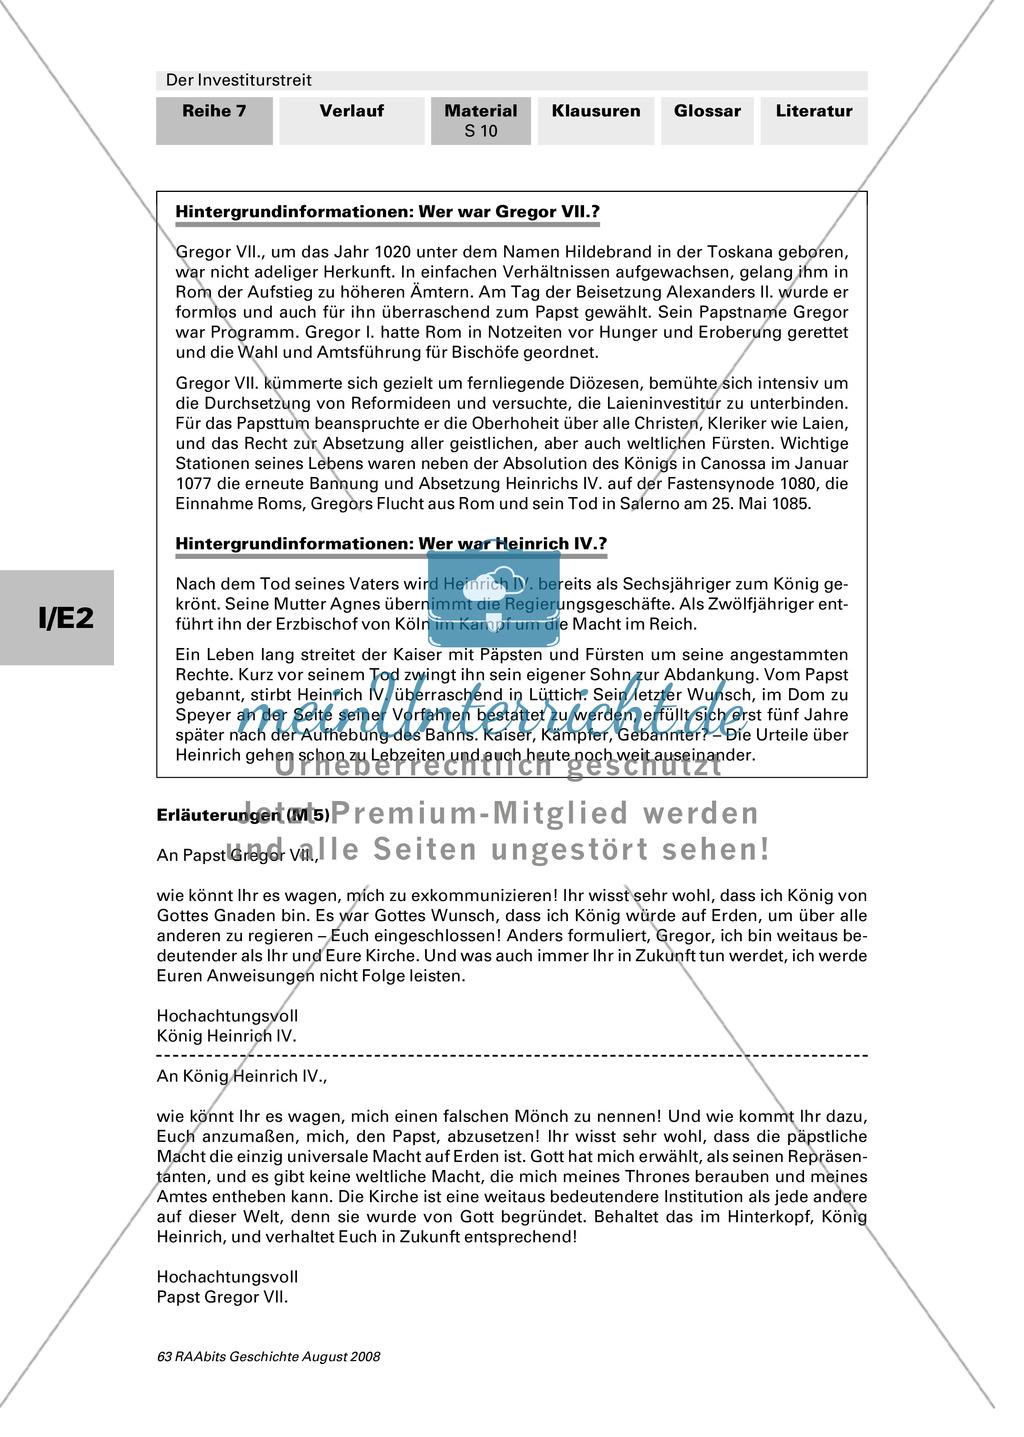 Der Investiturstreit: Ursachen für den 1057 entbrannten Machtkampf zwischen Gregor VII. und Heinrich IV. kennenlernen + einen Brief von Gregor an Heinrich verfassen Preview 9